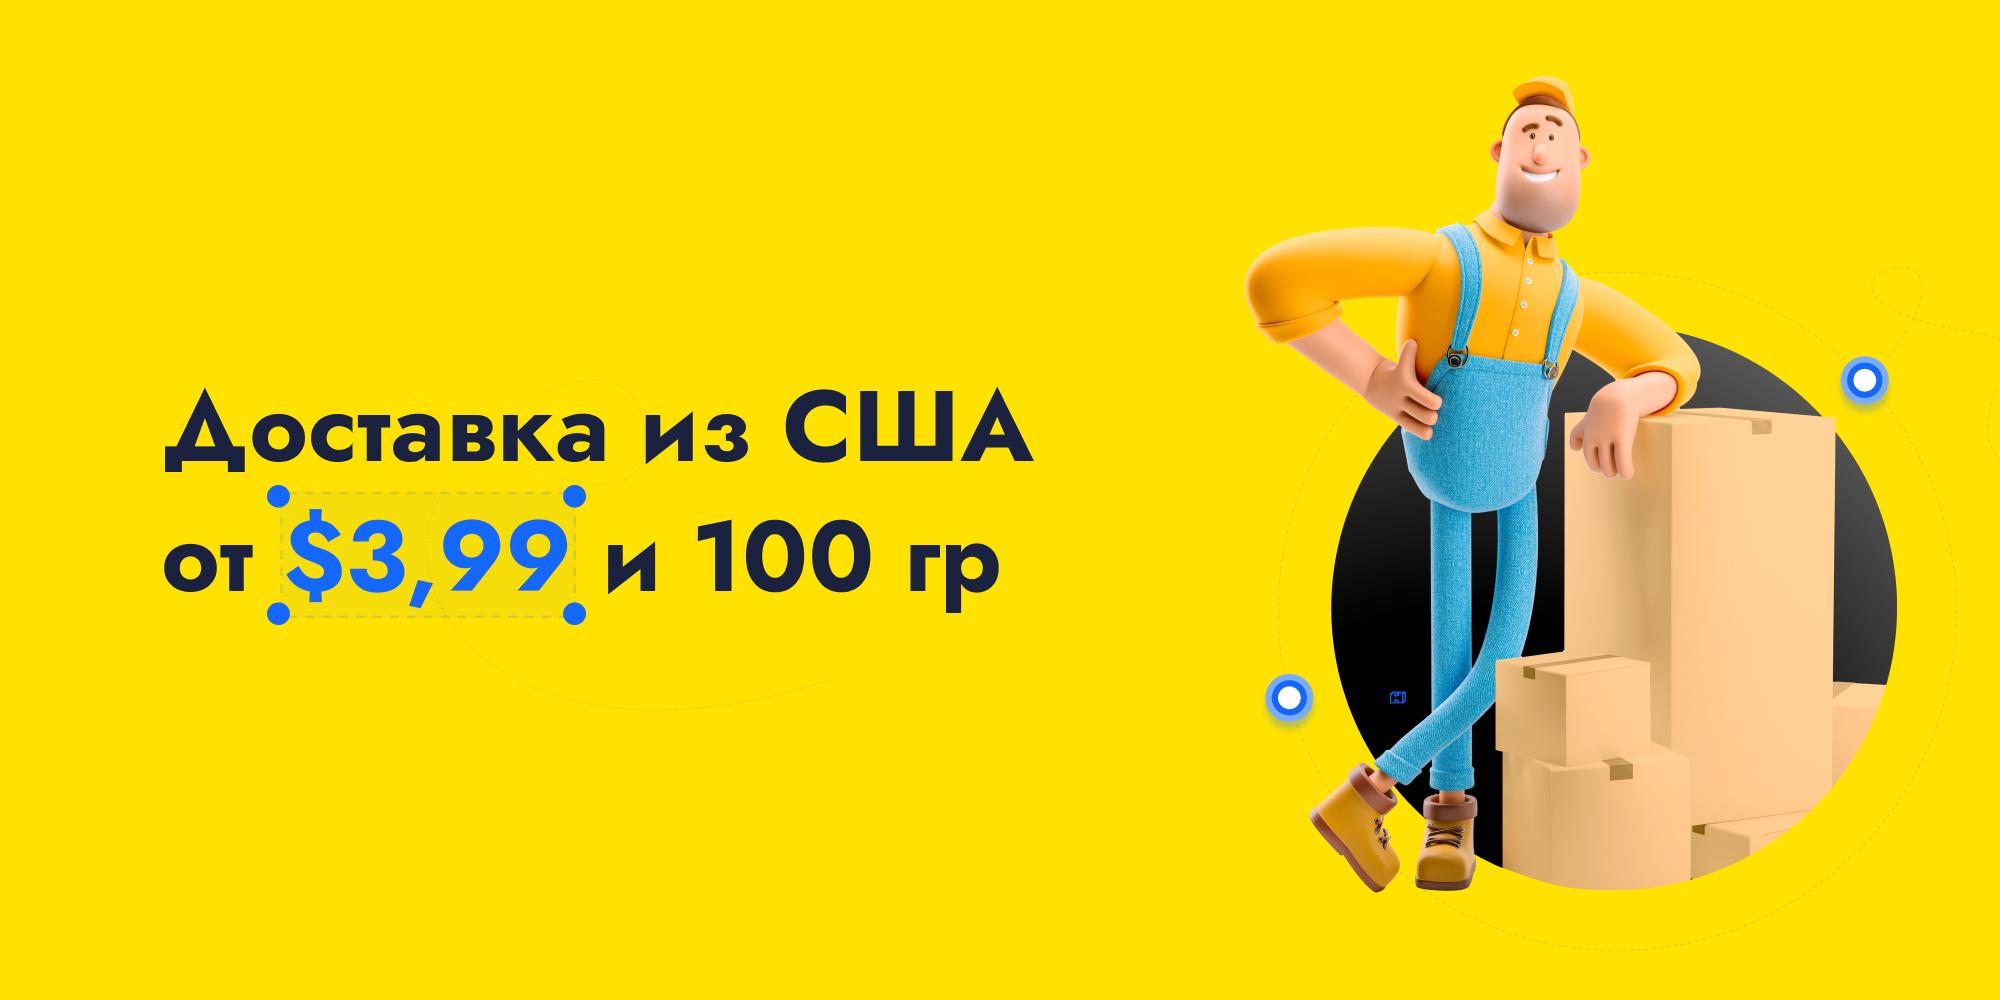 Prostobox.com выкуп/заказ/доставка из магазинов США в Россию/Украину/Израиль